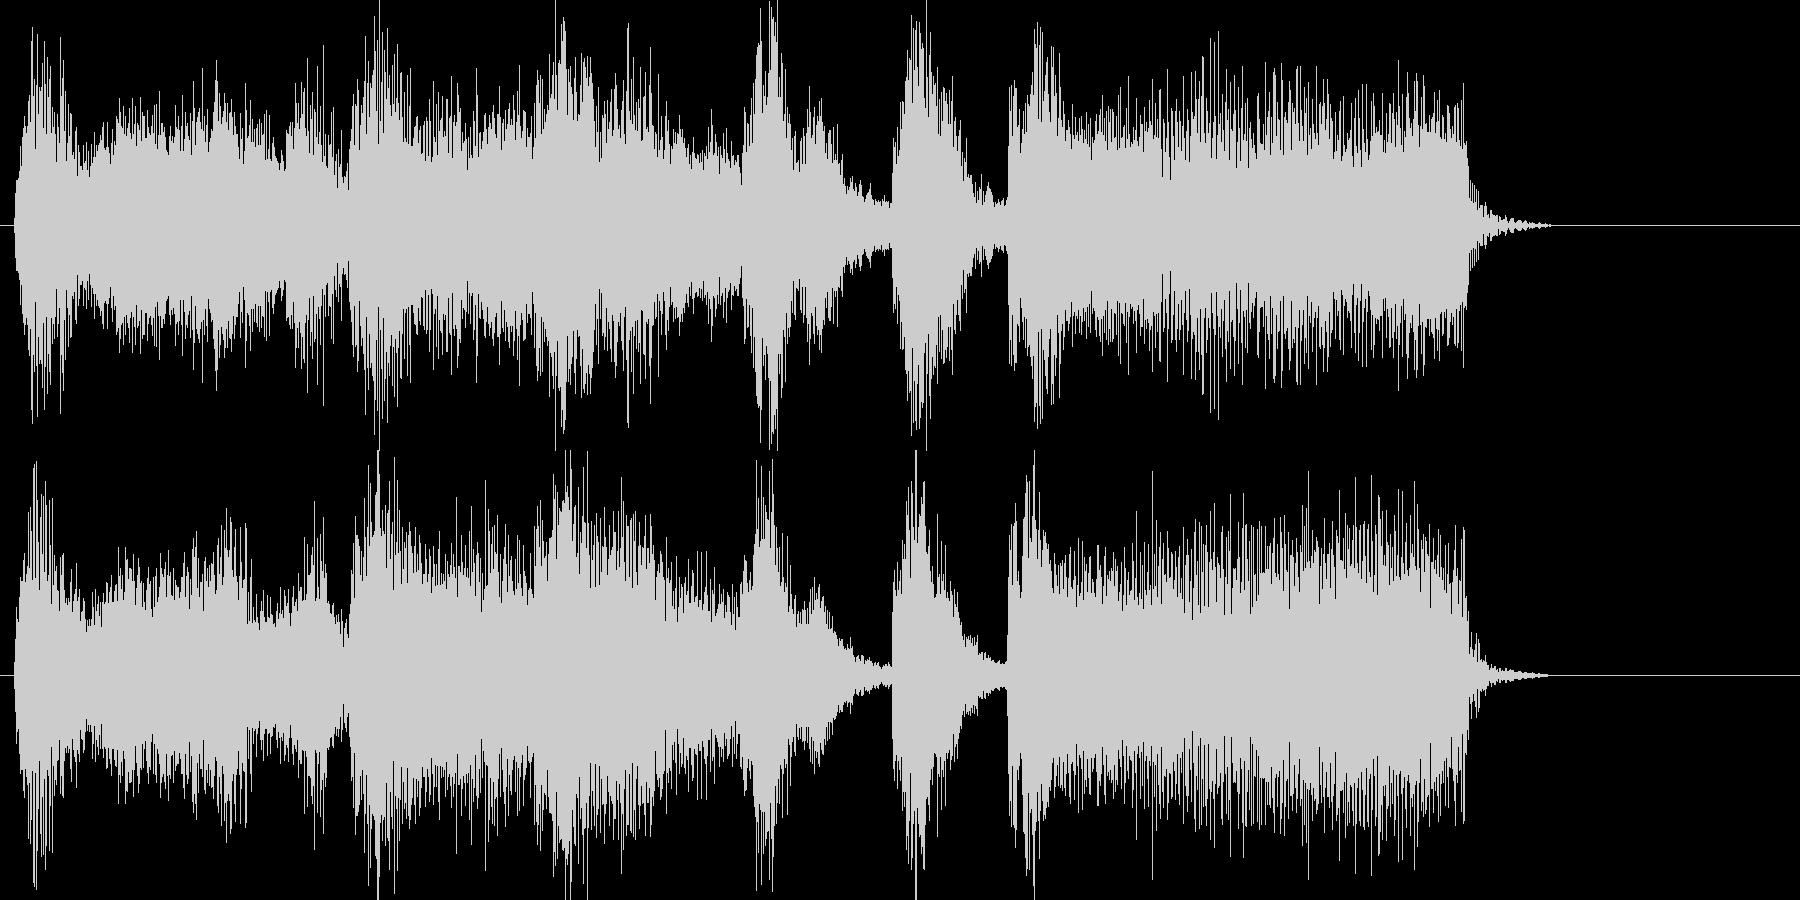 オーケストラジングルアイキャッチの未再生の波形